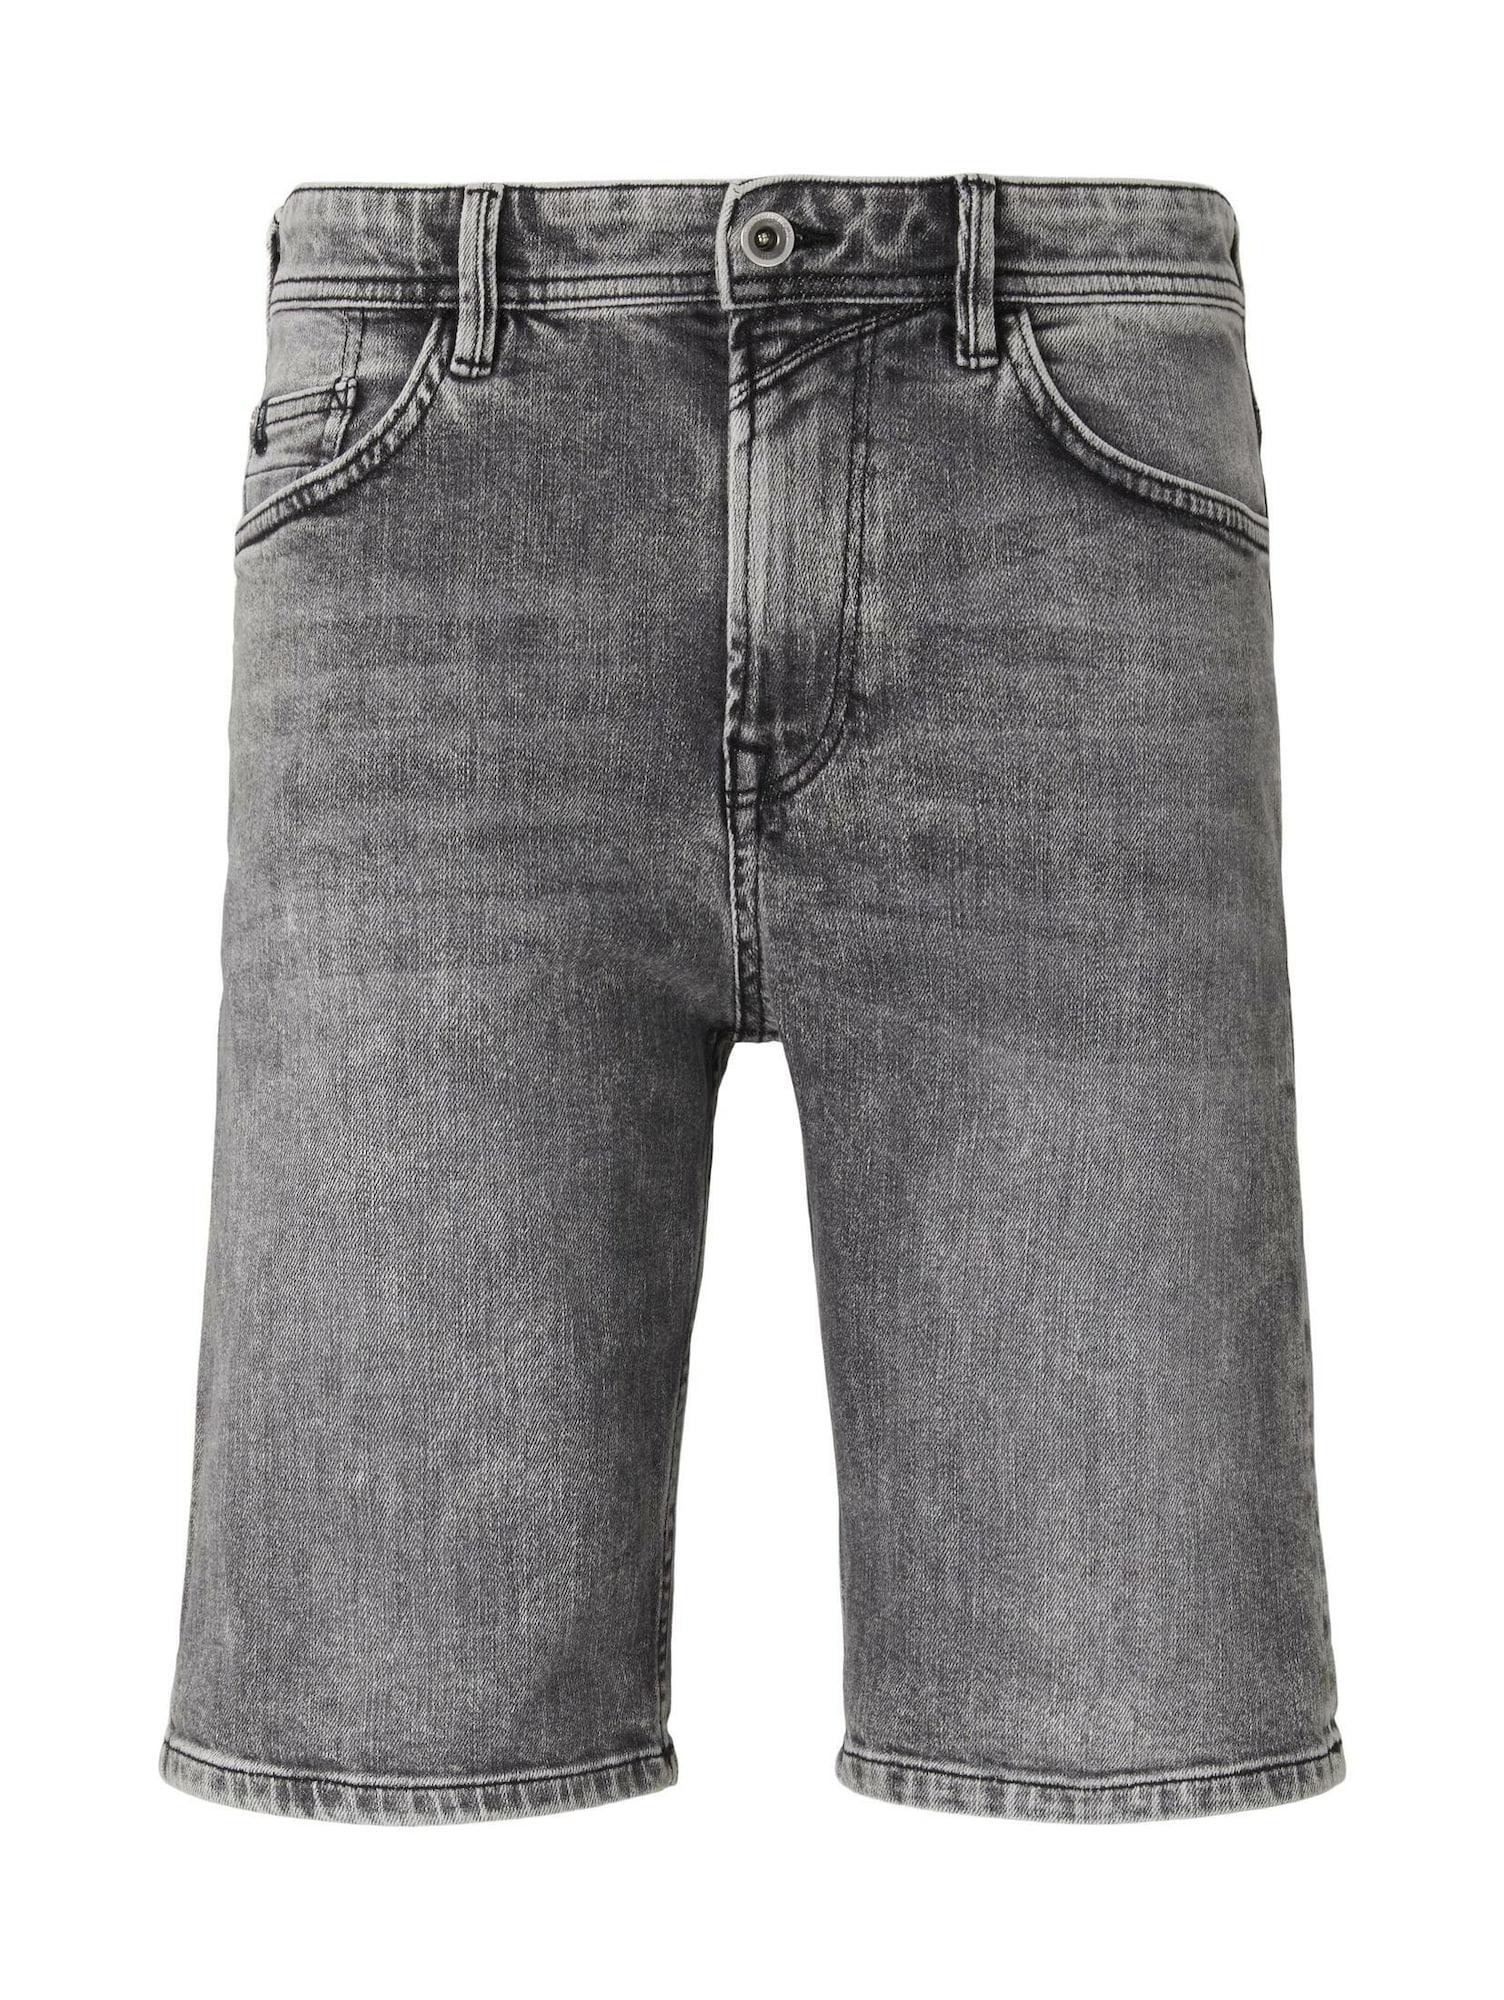 Jeanshosen Loose Fit Jeansshort in 90er Waschung | Bekleidung > Jeans > Loose Fit Jeans | Tom Tailor Denim